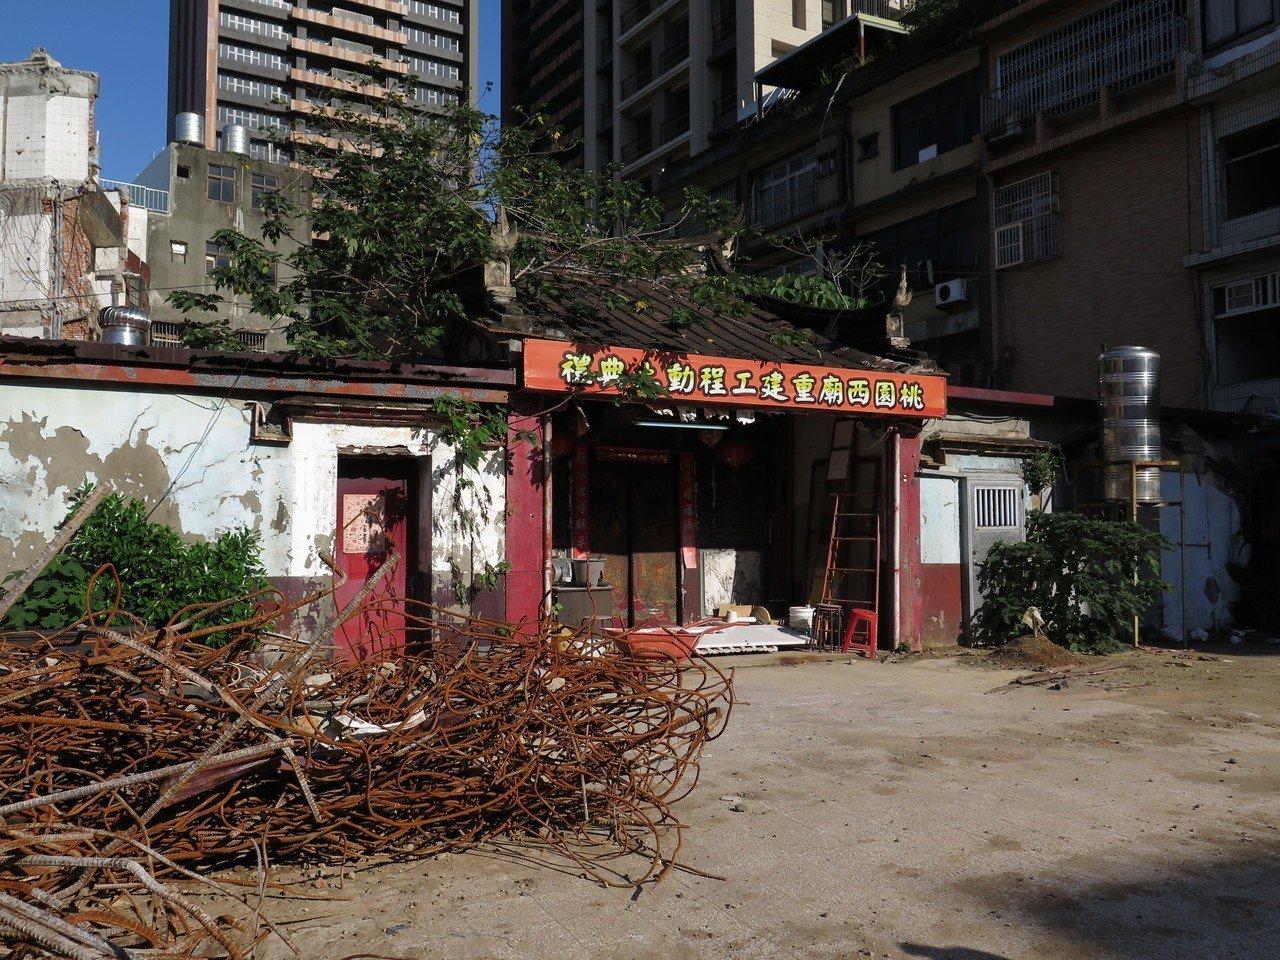 桃園西廟廟體岌岌可危,廟方著手重建。記者張裕珍/攝影